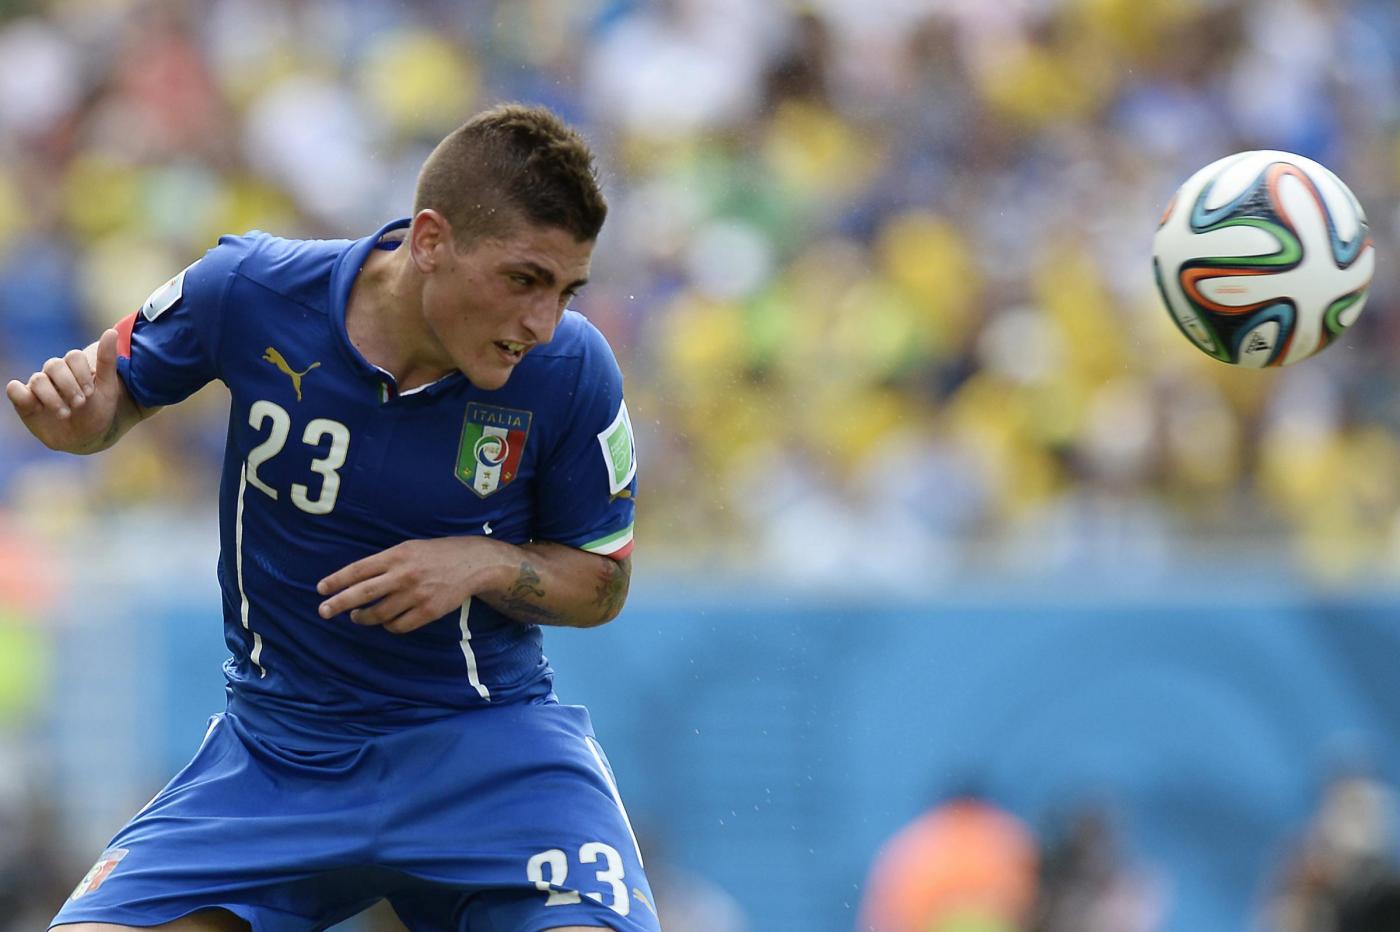 Dieci giocatori per l'Italia del futuro